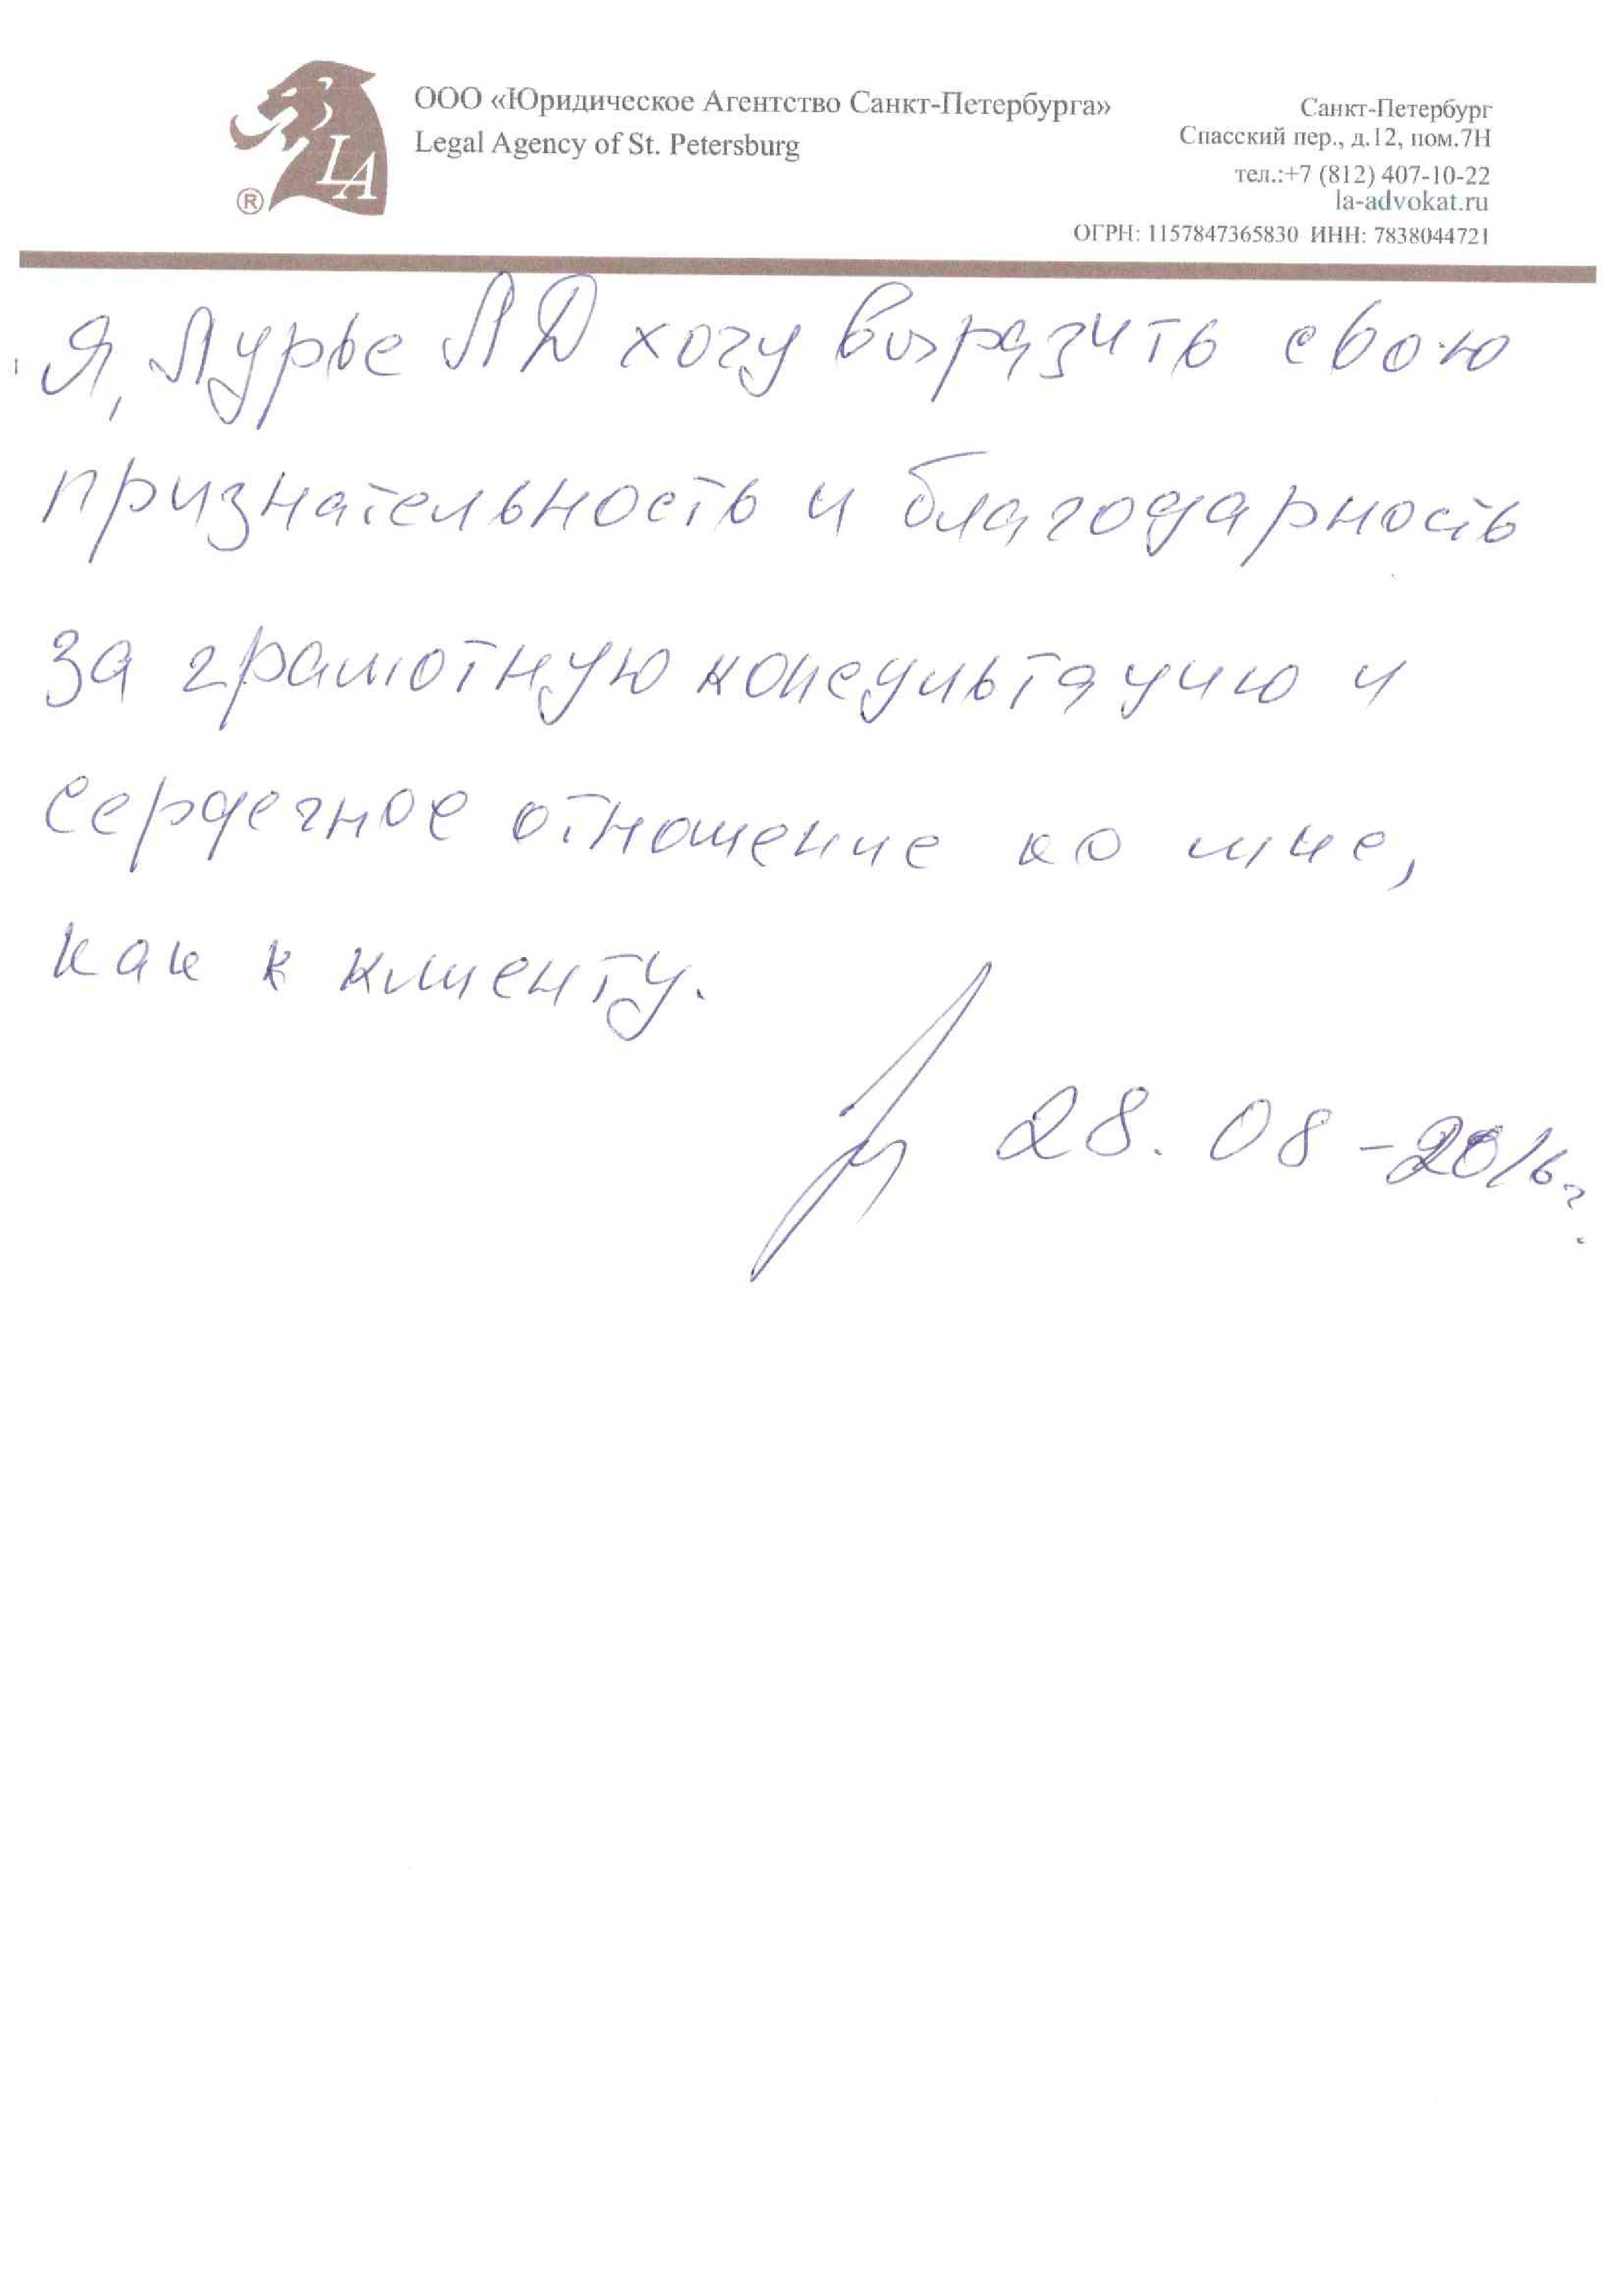 Отзыв Лурье Л.Д.